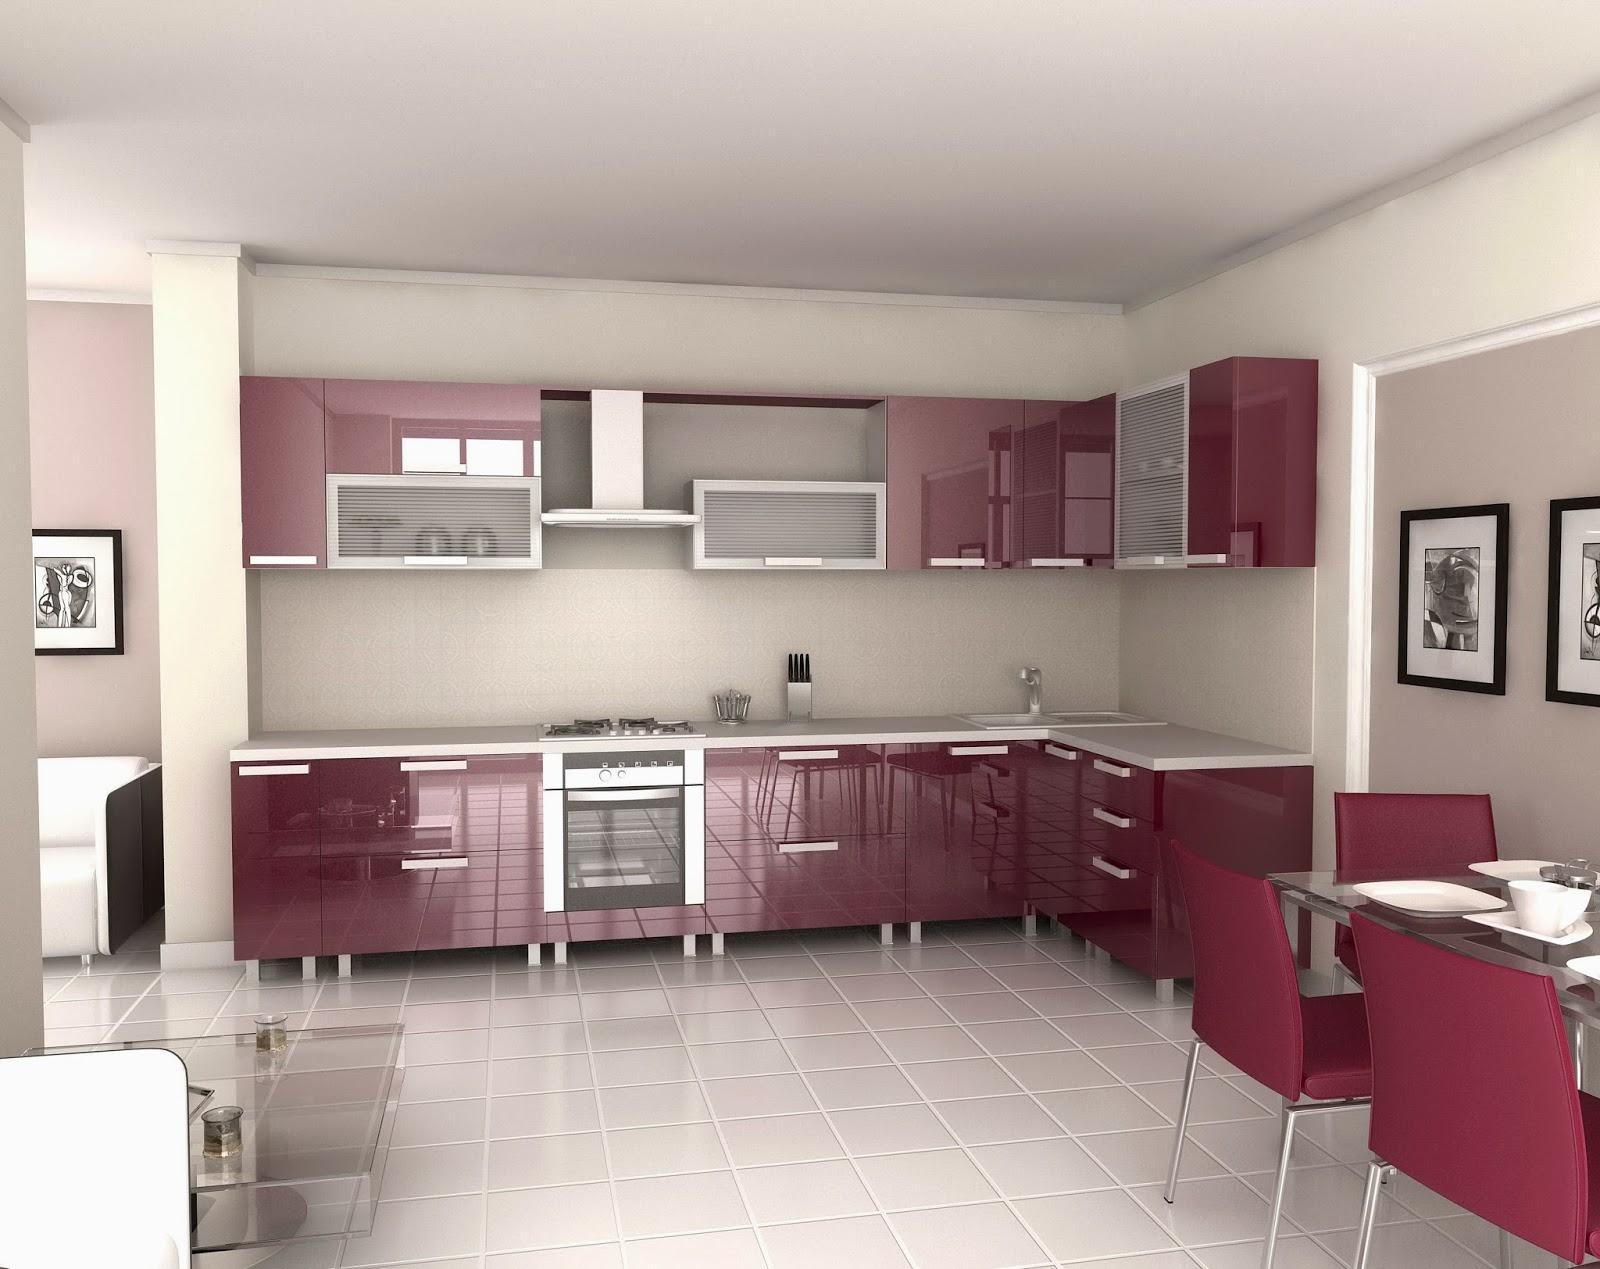 Ganz Design Modern Homes Interior Decorating Ideas